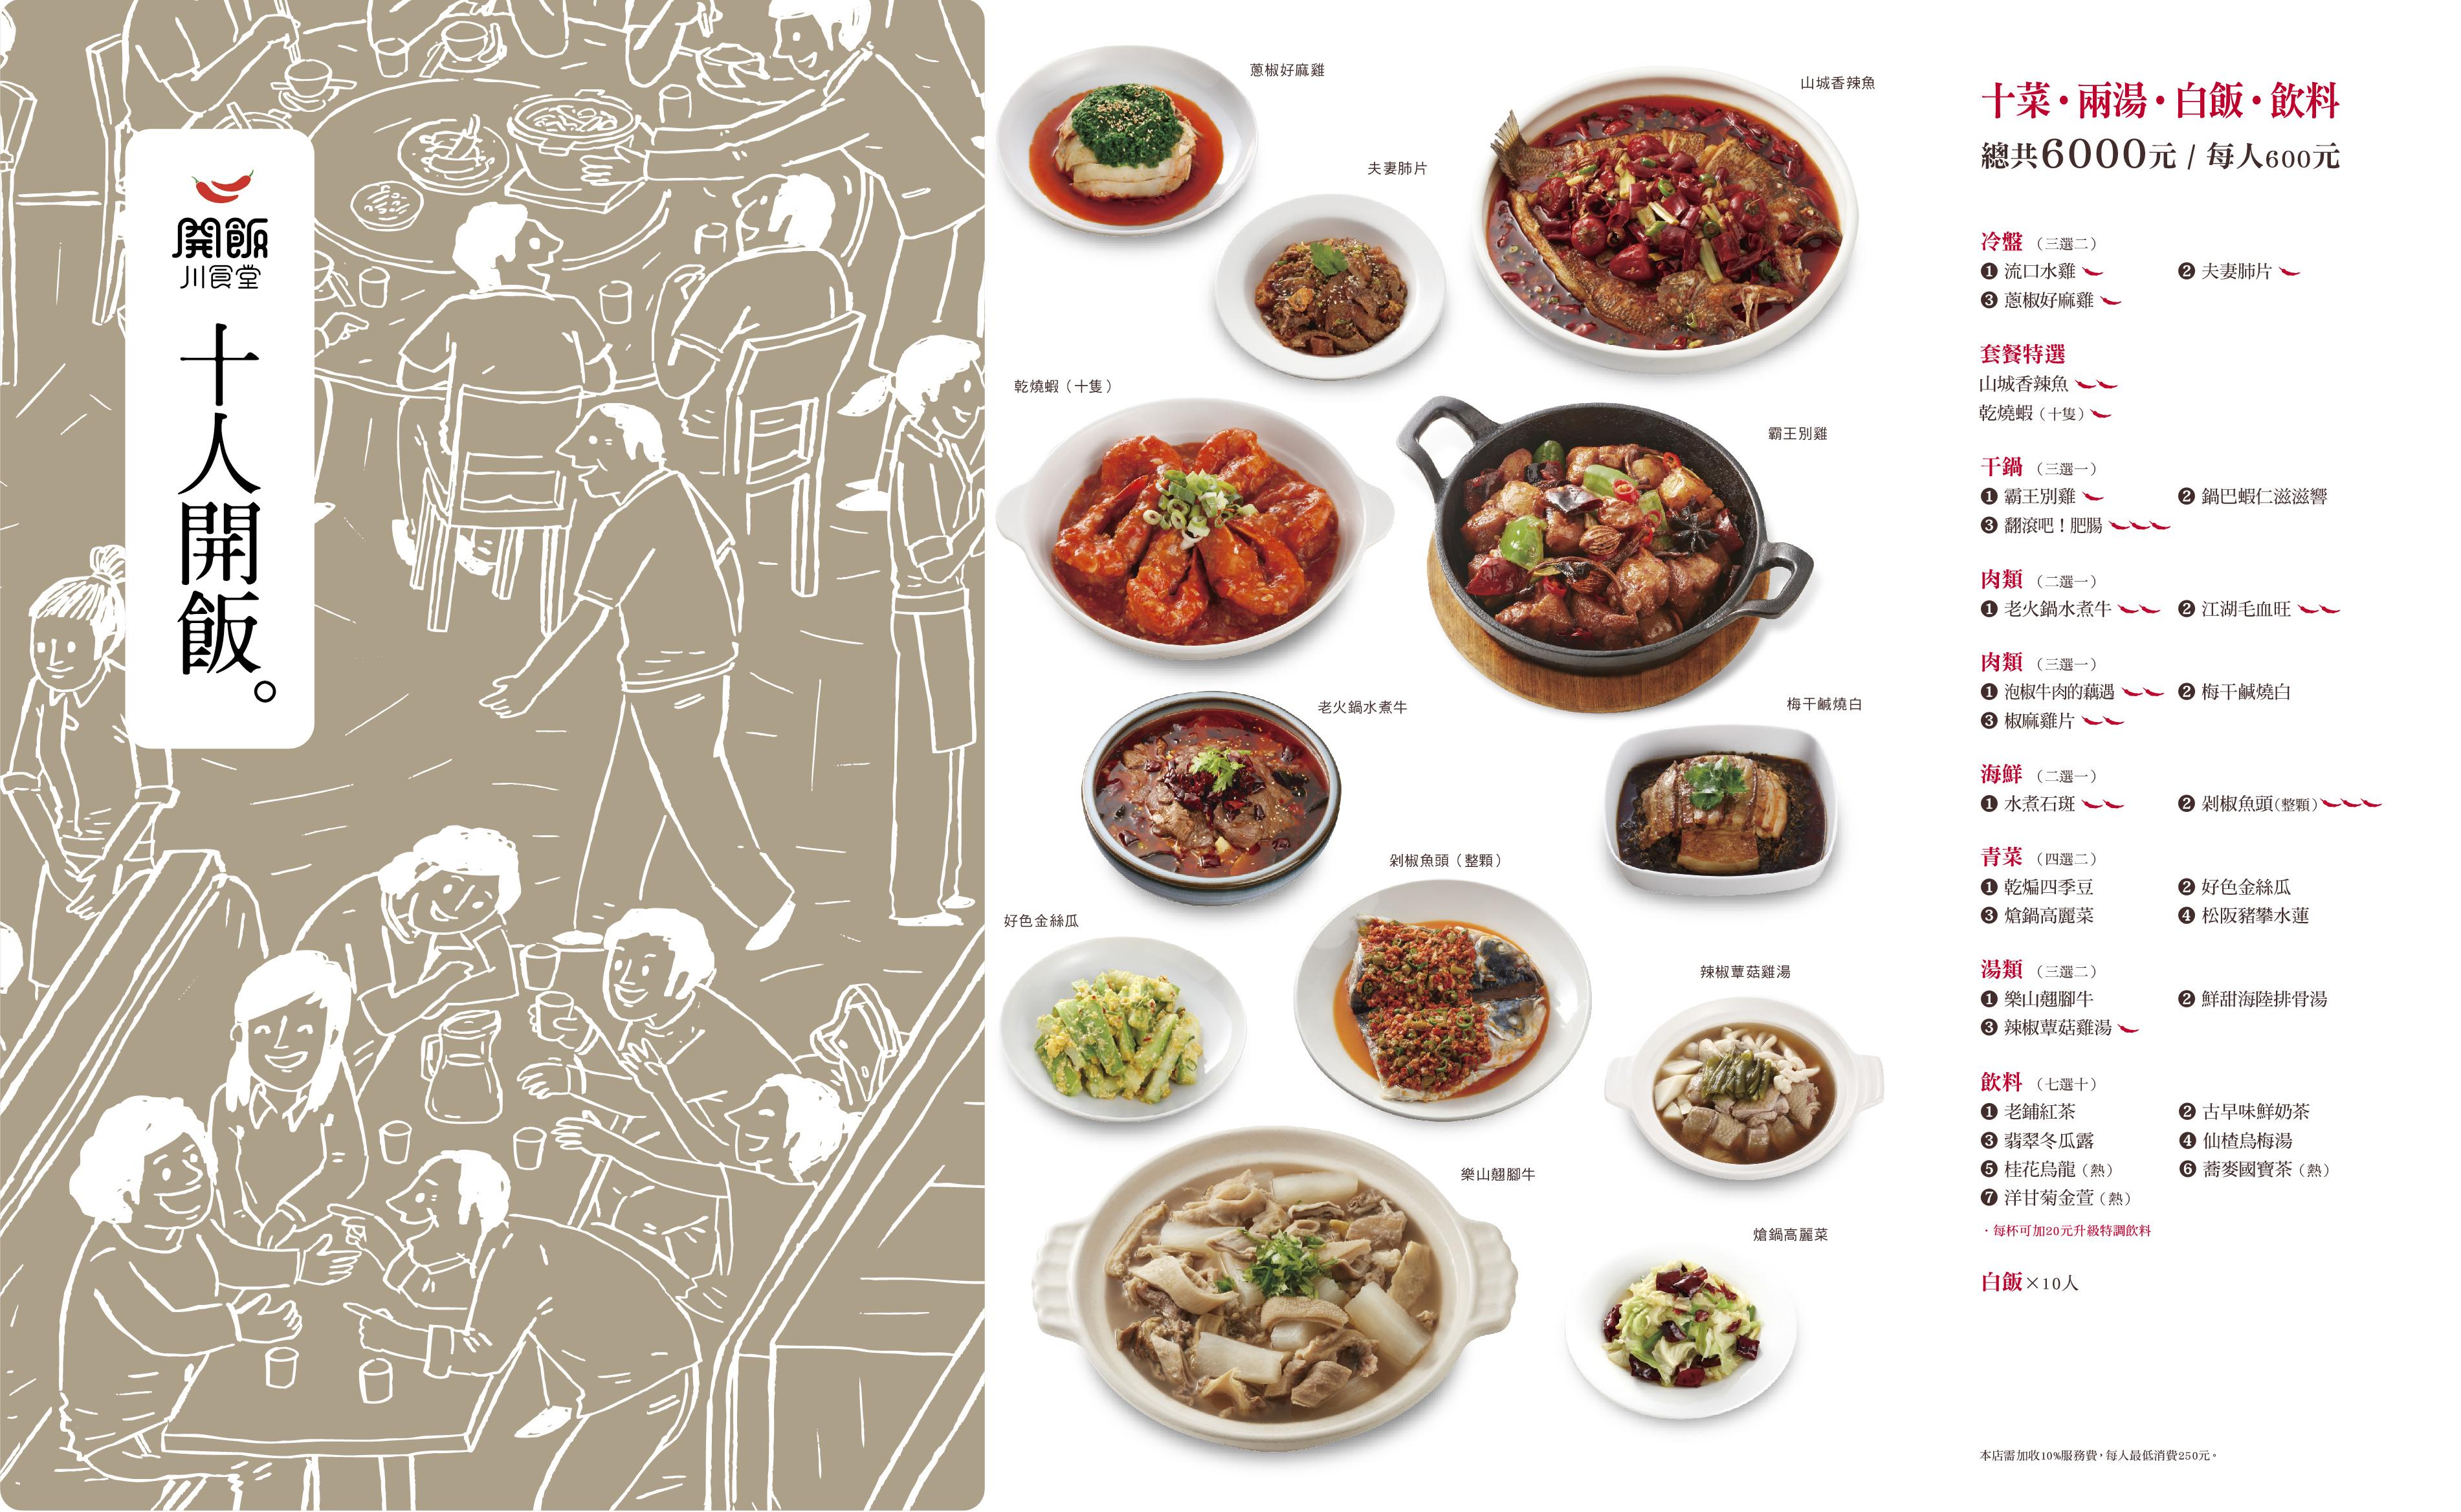 開飯川食堂 菜單 台中 套餐01